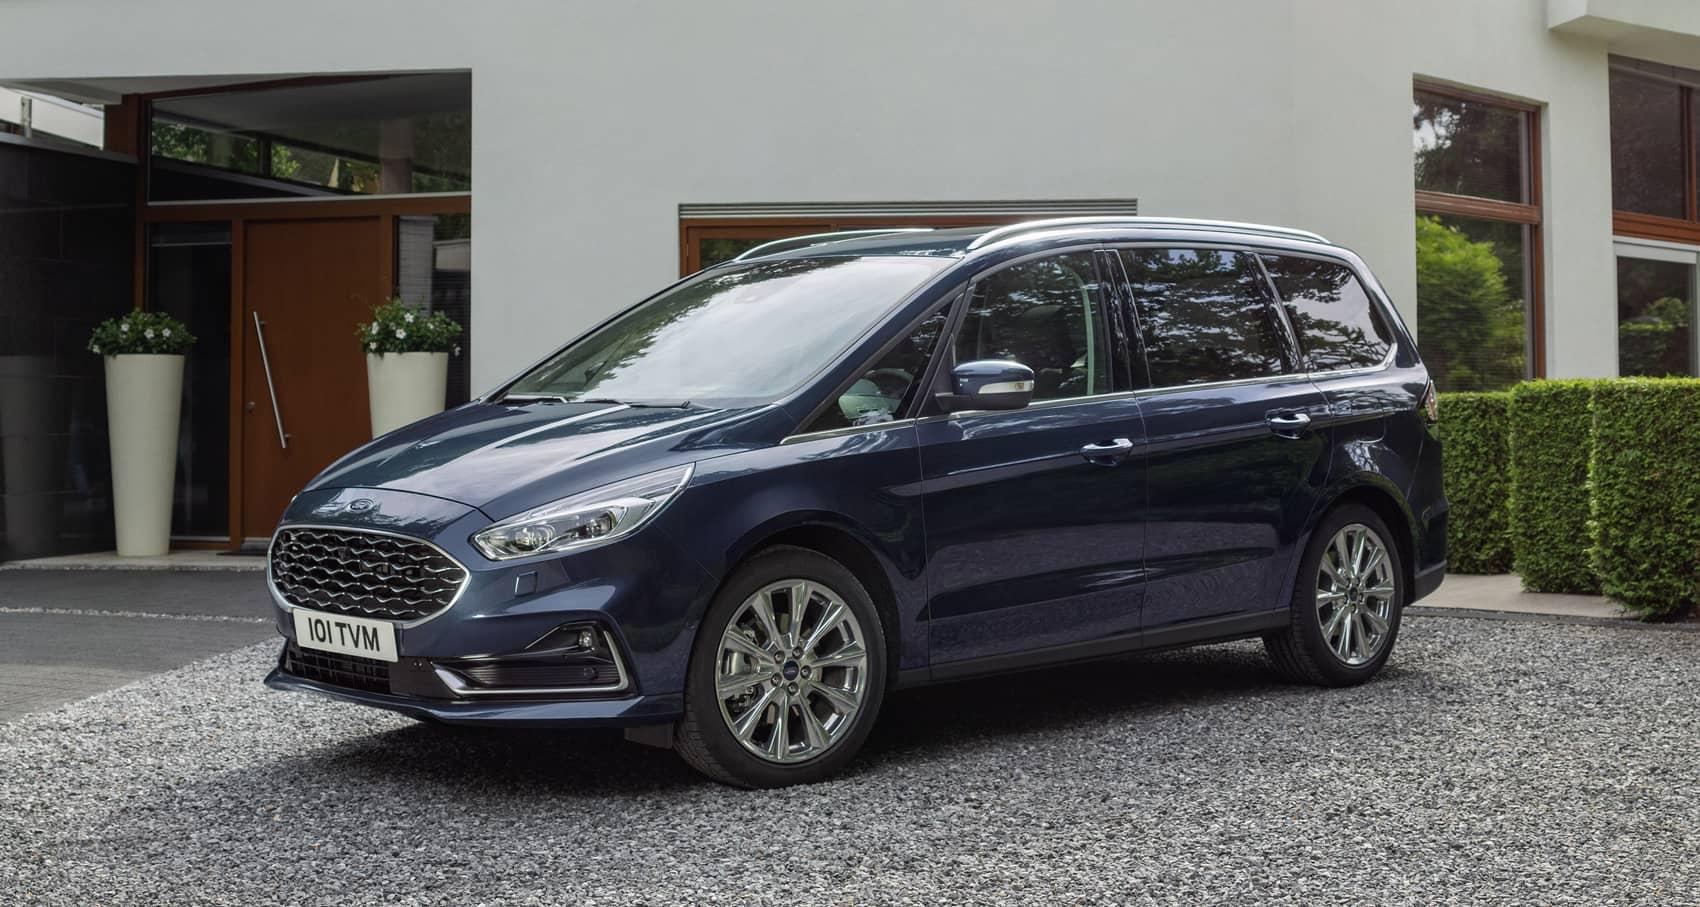 Precios Ford Galaxy 2021 - Descubre las ofertas del Ford ...